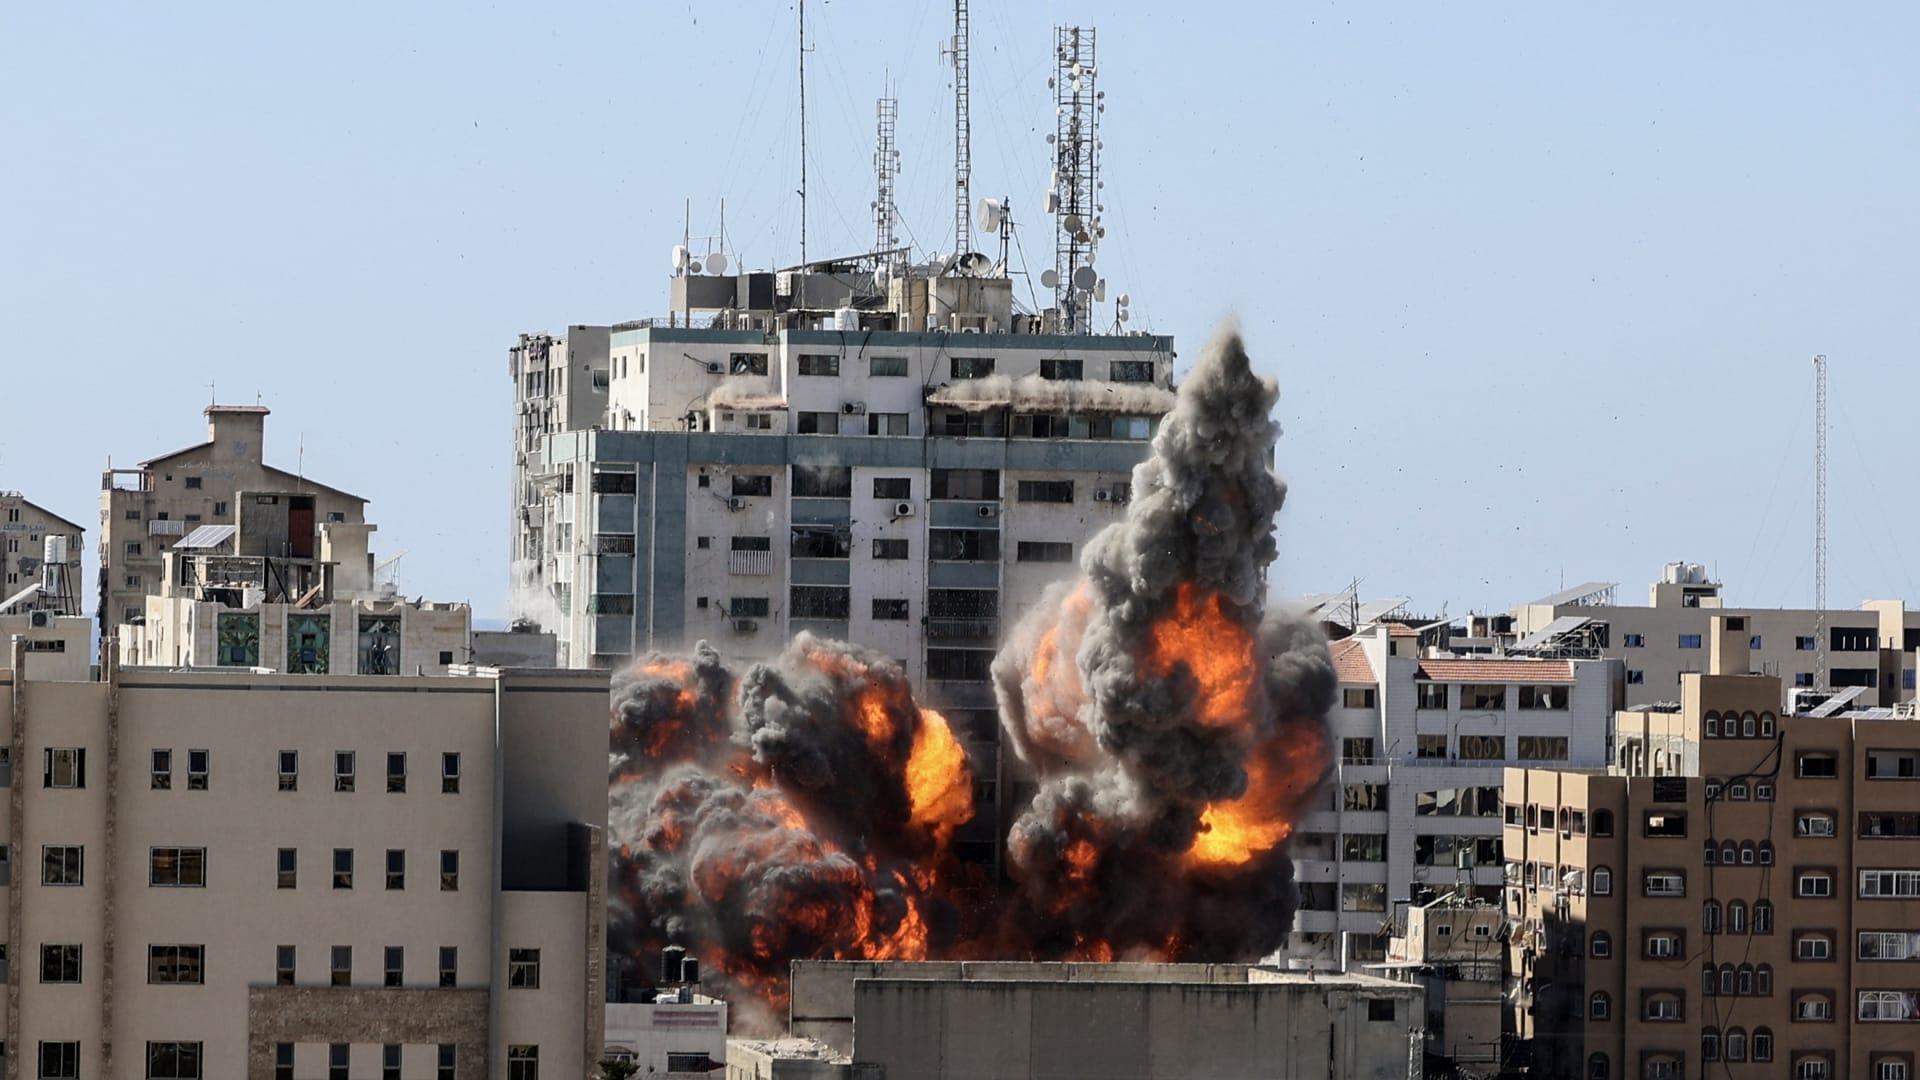 الجيش الإسرائيلي يقصف مبنى يضم مقر قناة الجزيرة القطرية ووكالات عالمية في غزة